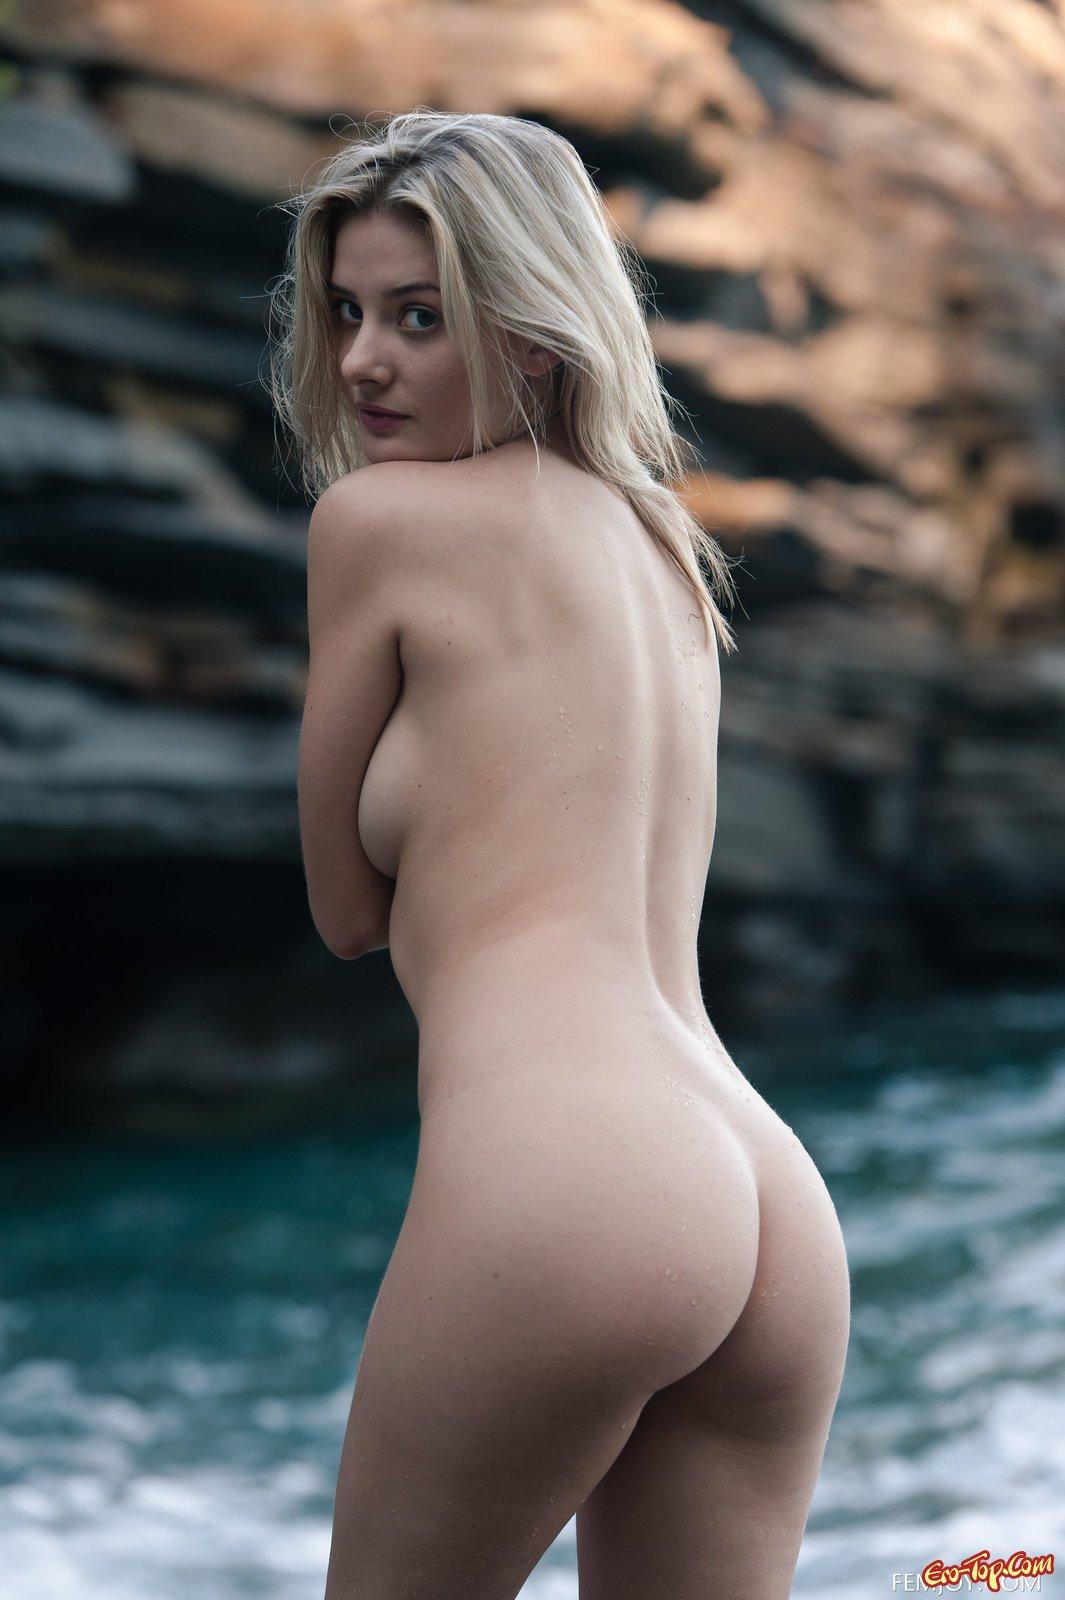 Блондинка демонстрирует волосатую киску на пляже